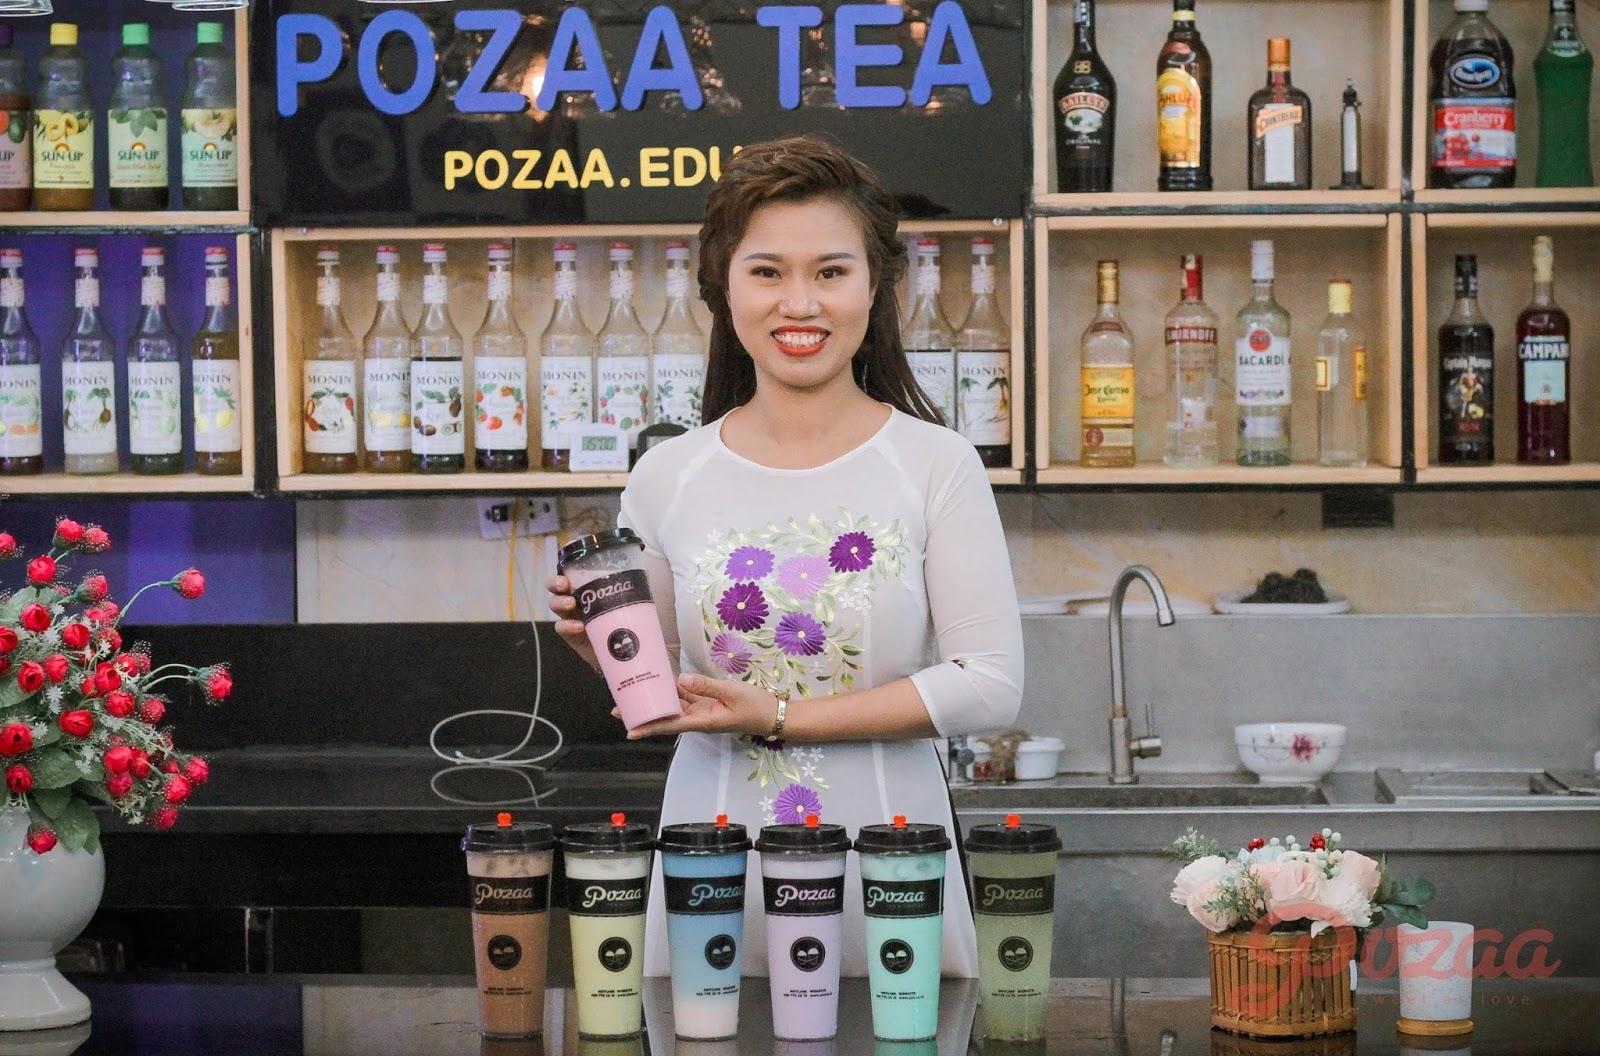 Bà chủ khởi nghiệp với 2 thương hiệu trà sữa vì muốn loại bỏ thực phẩm bẩn - Ảnh 1